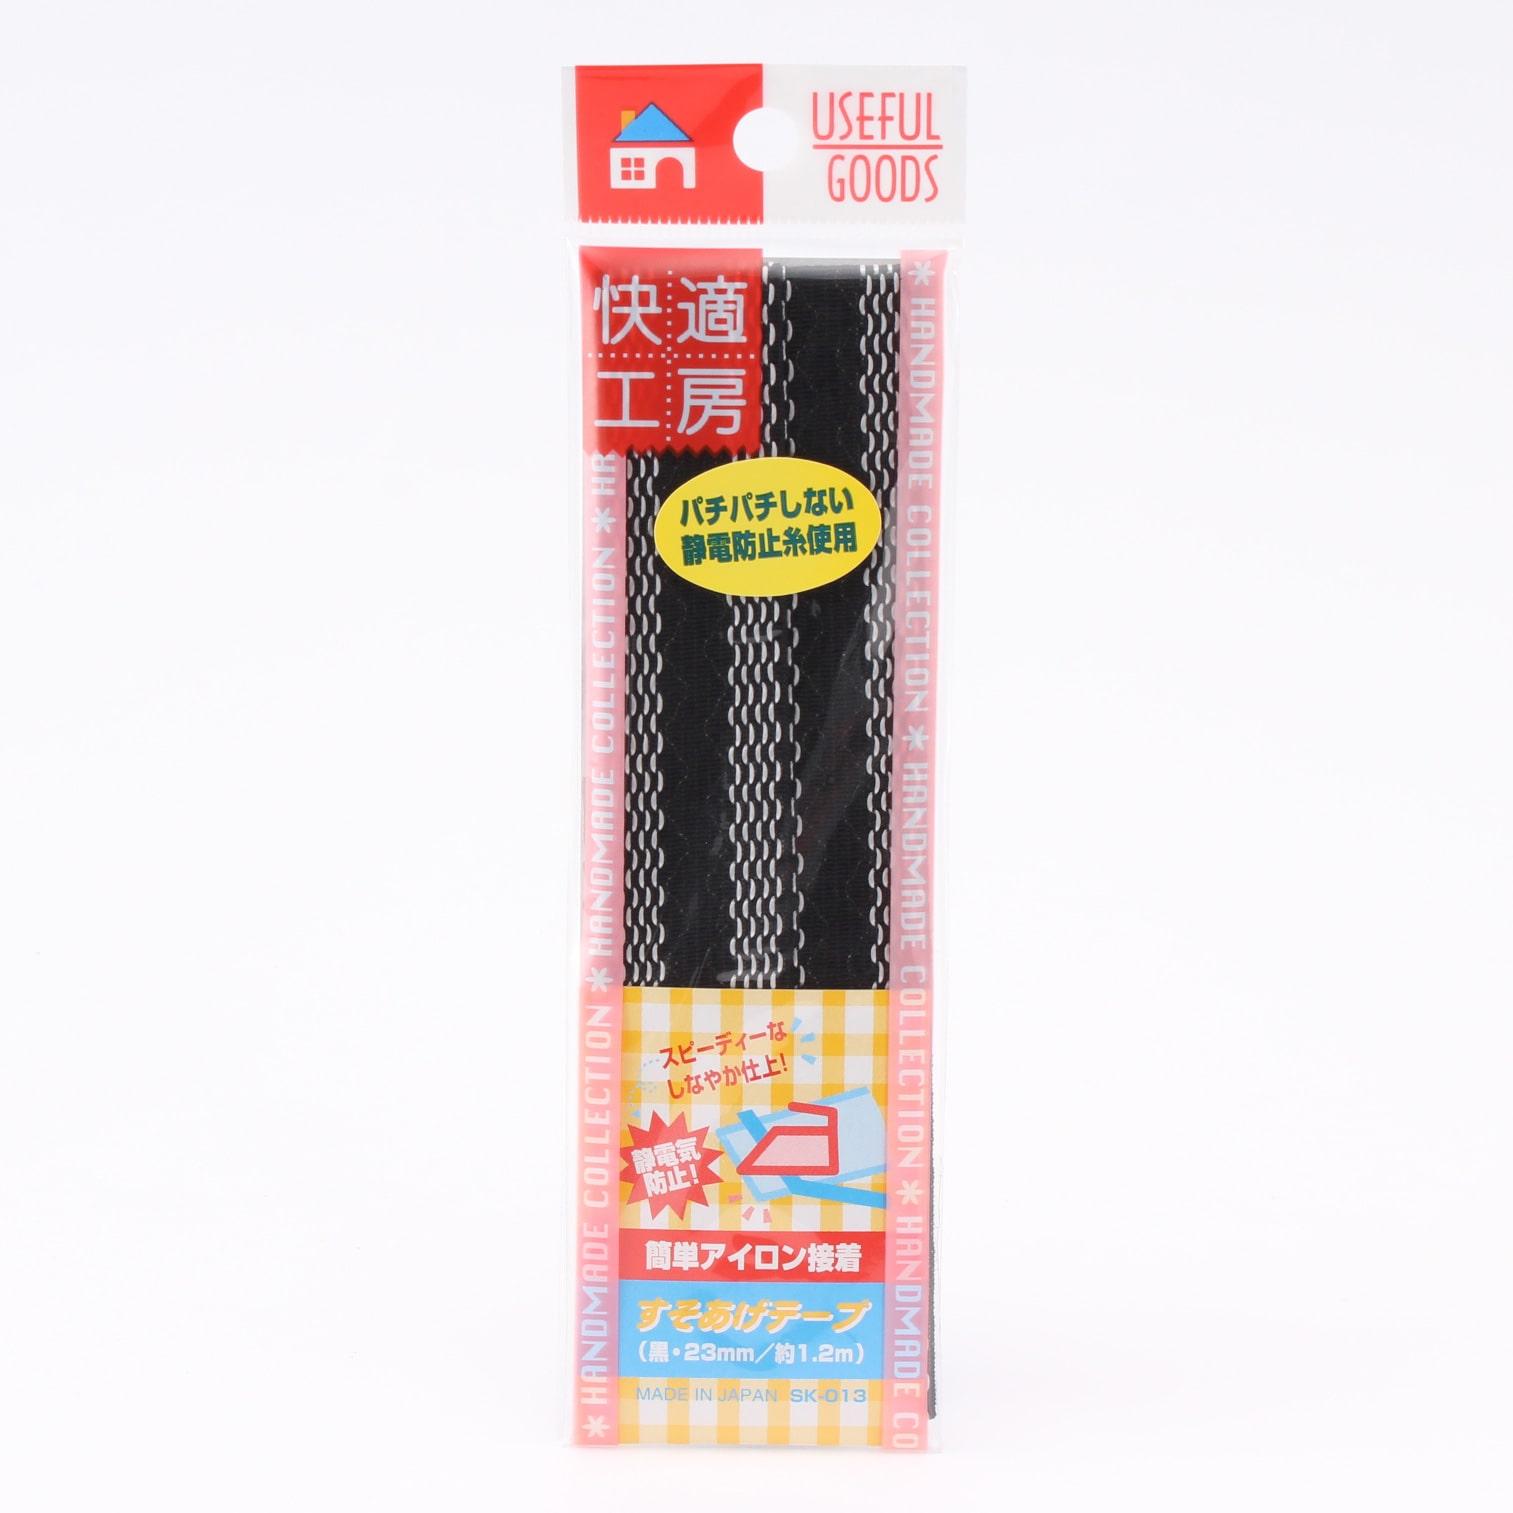 快適工房 静電気防止すそあげテープ 黒 SK-013